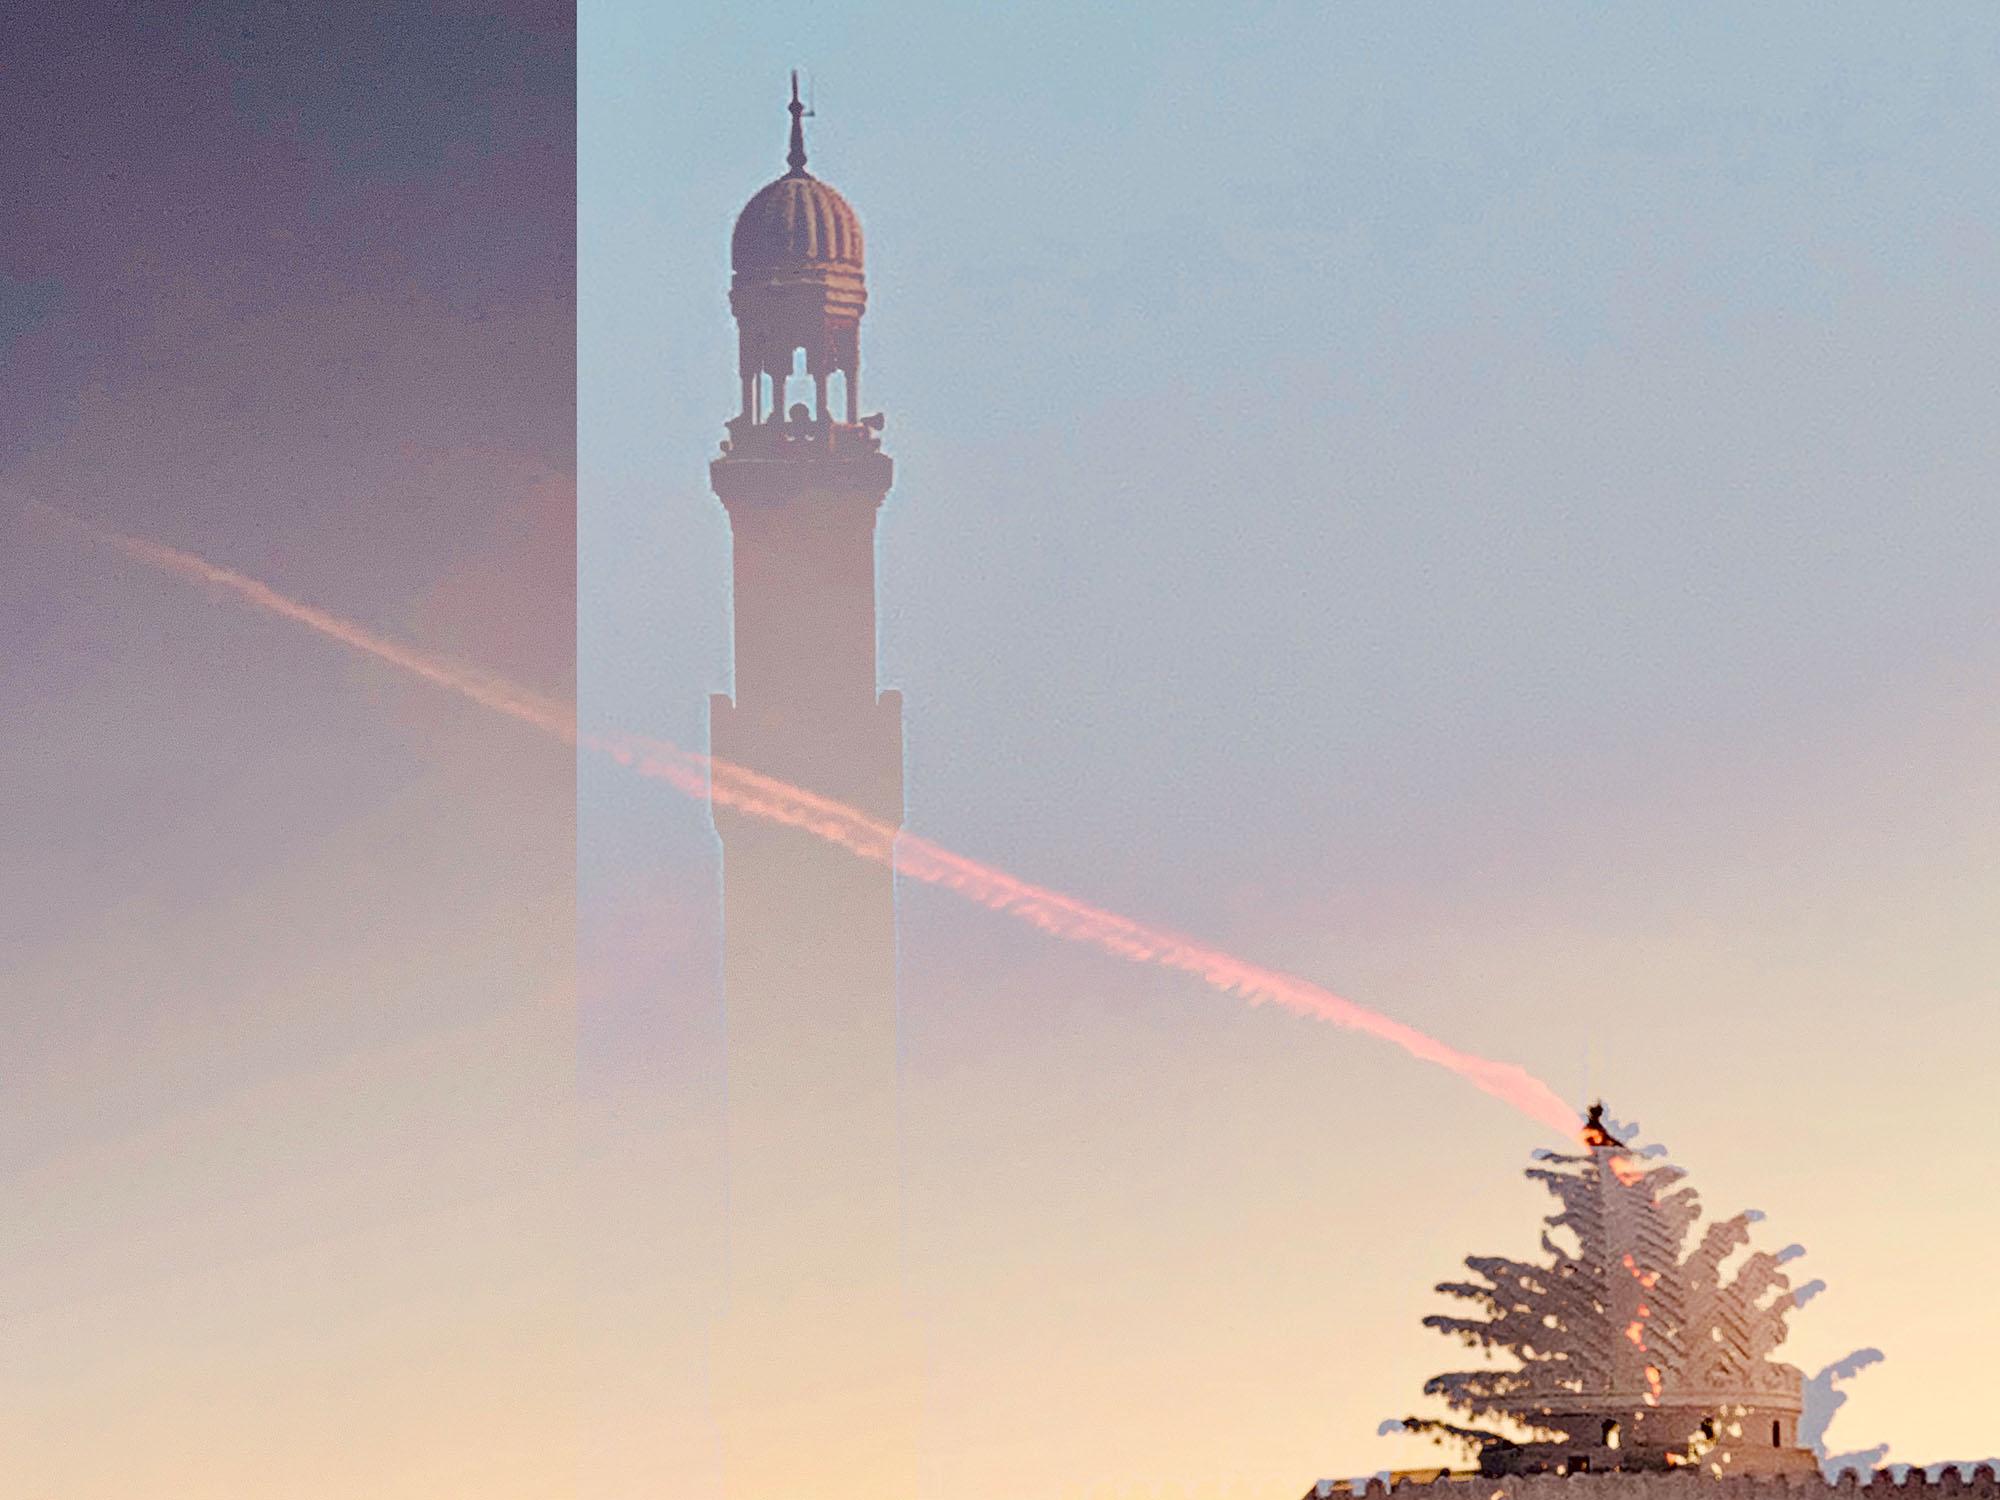 xiansera migrating 2 morning light